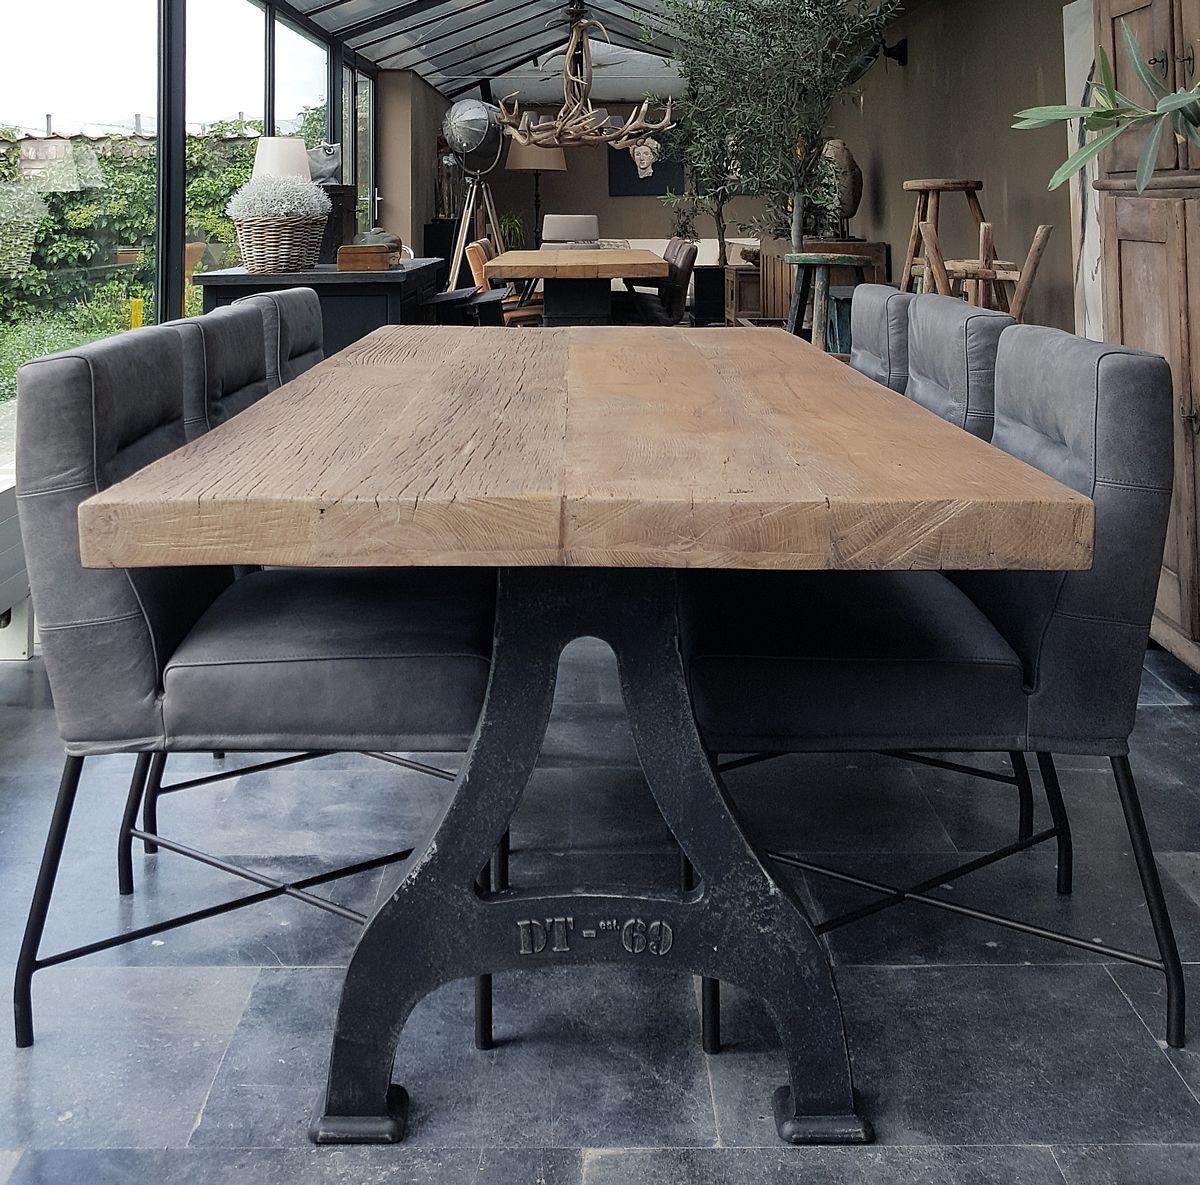 dieser industie design tisch ist ein eigener entwurf wird in unserer werkstatt nach ma. Black Bedroom Furniture Sets. Home Design Ideas